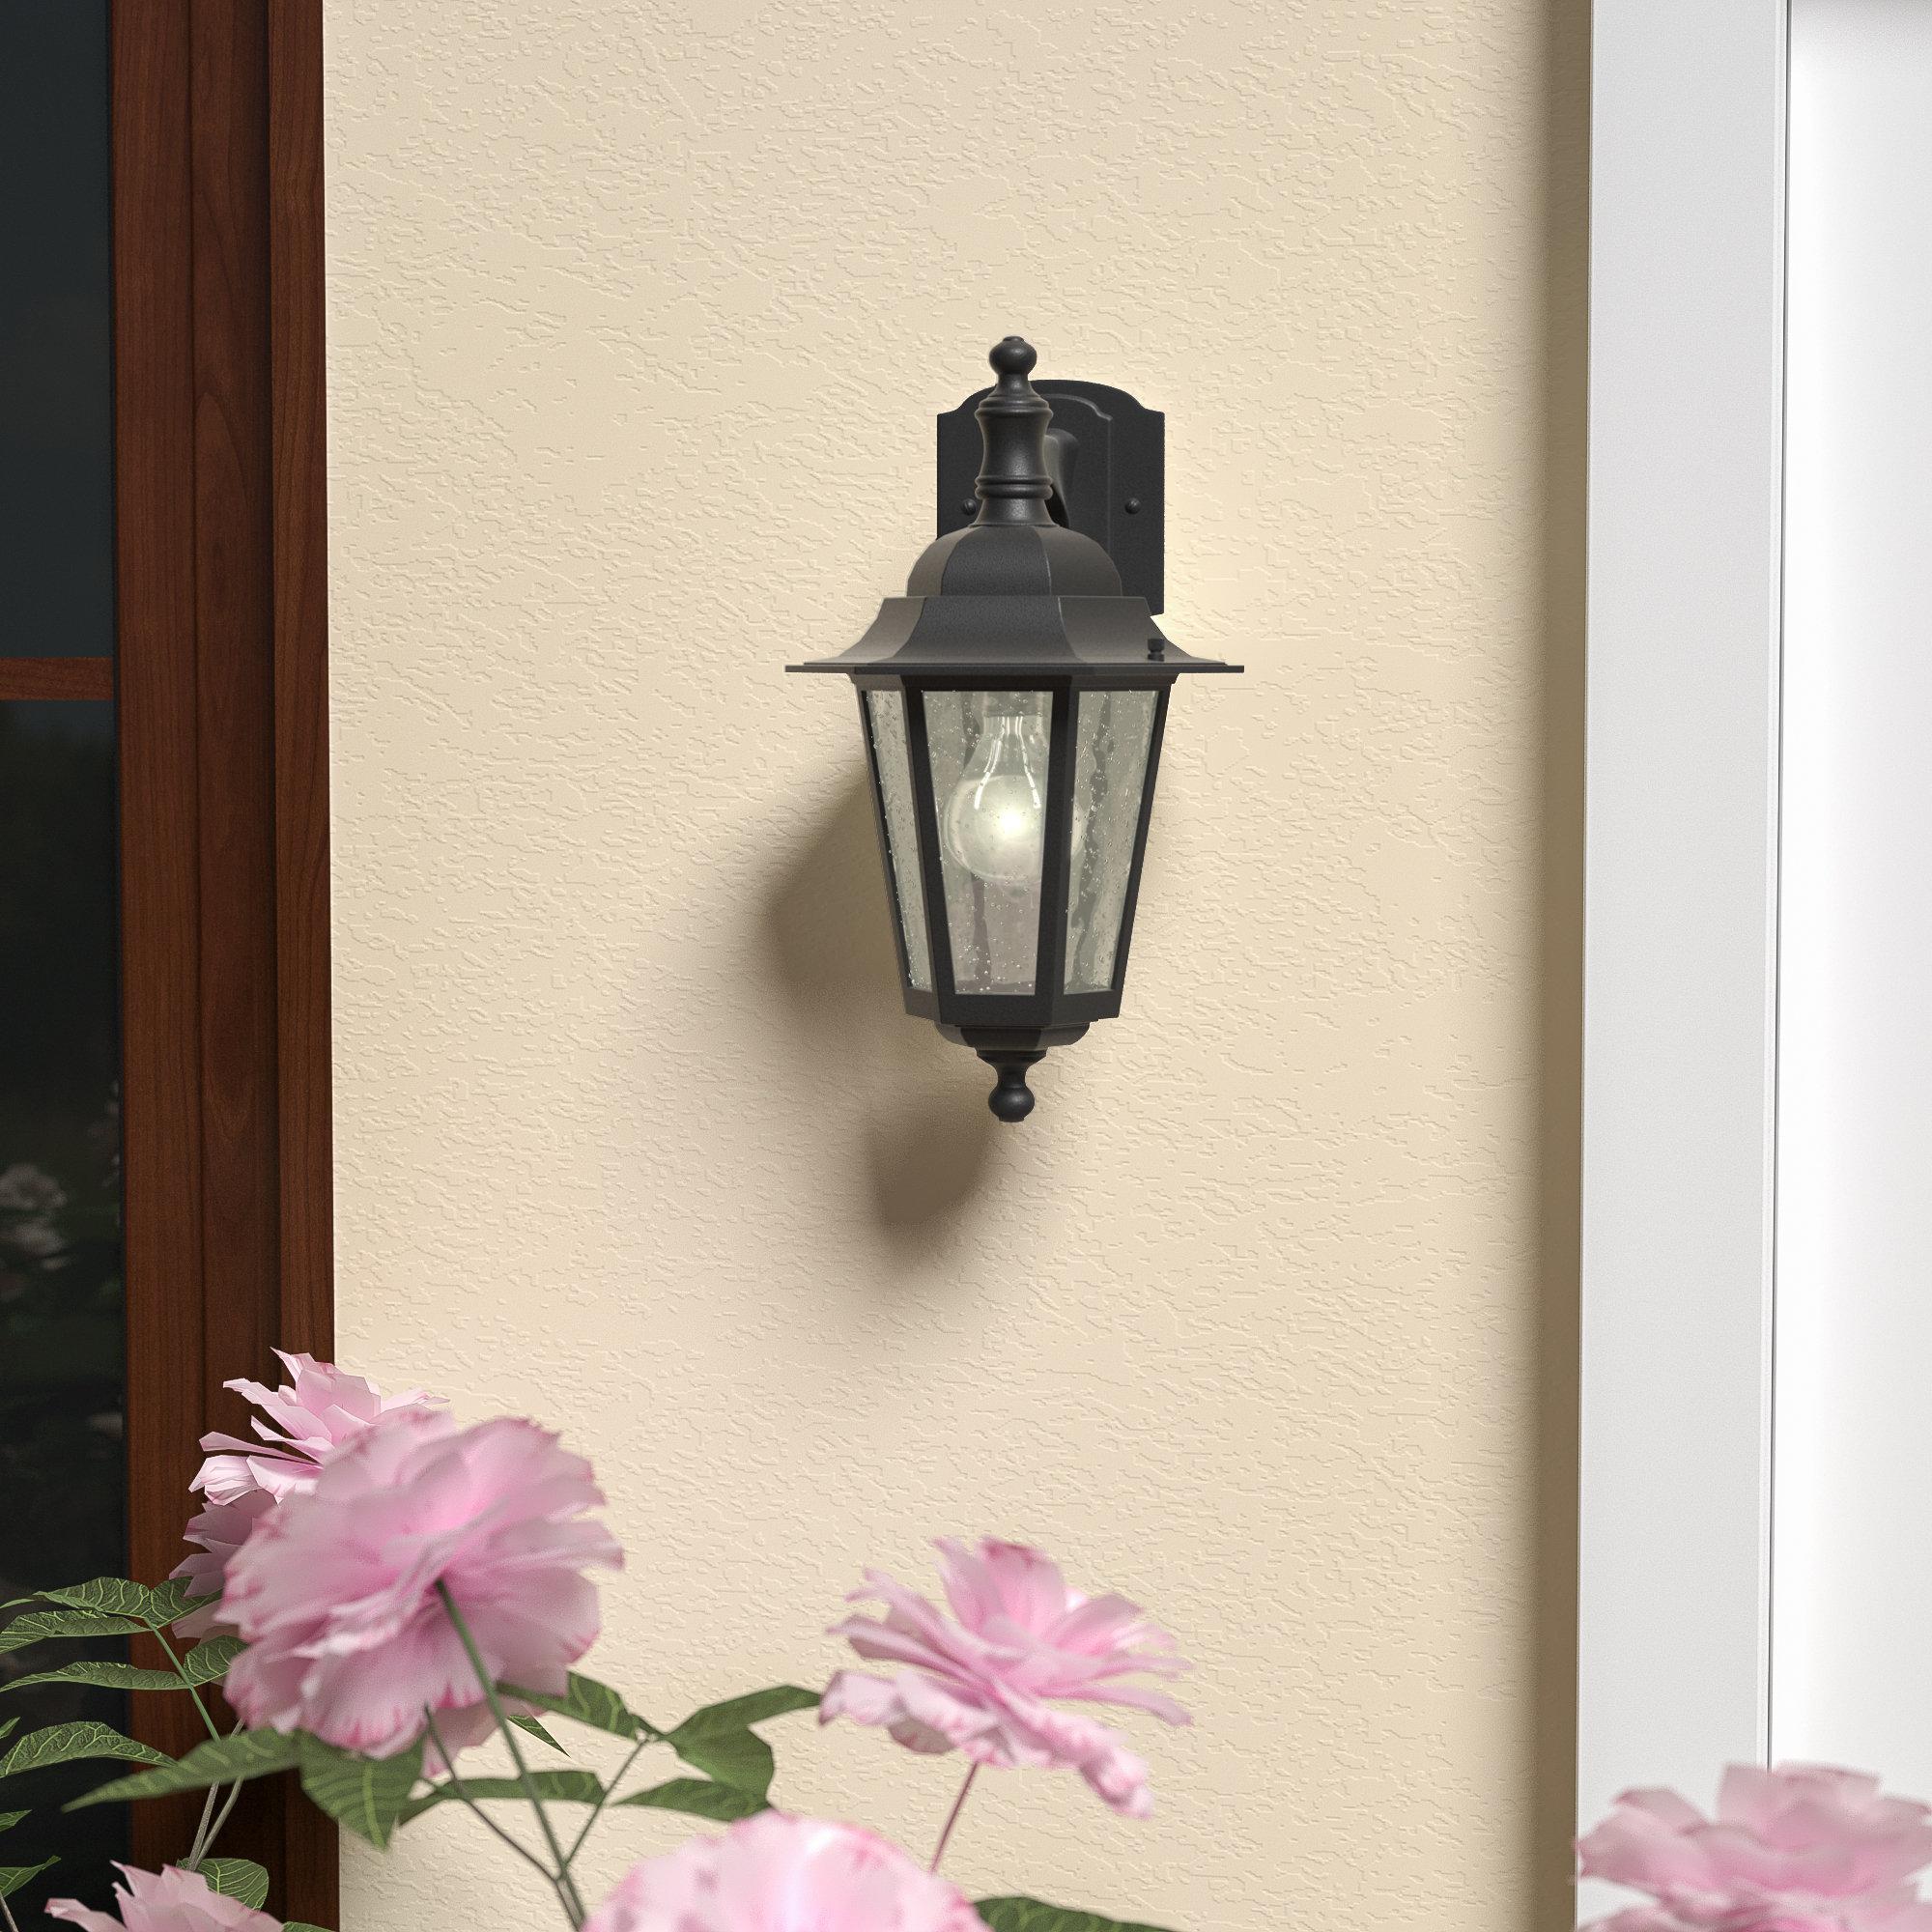 Alcott Hill Mayer 1 Bulb Outdoor Wall Lantern Reviews Wayfair